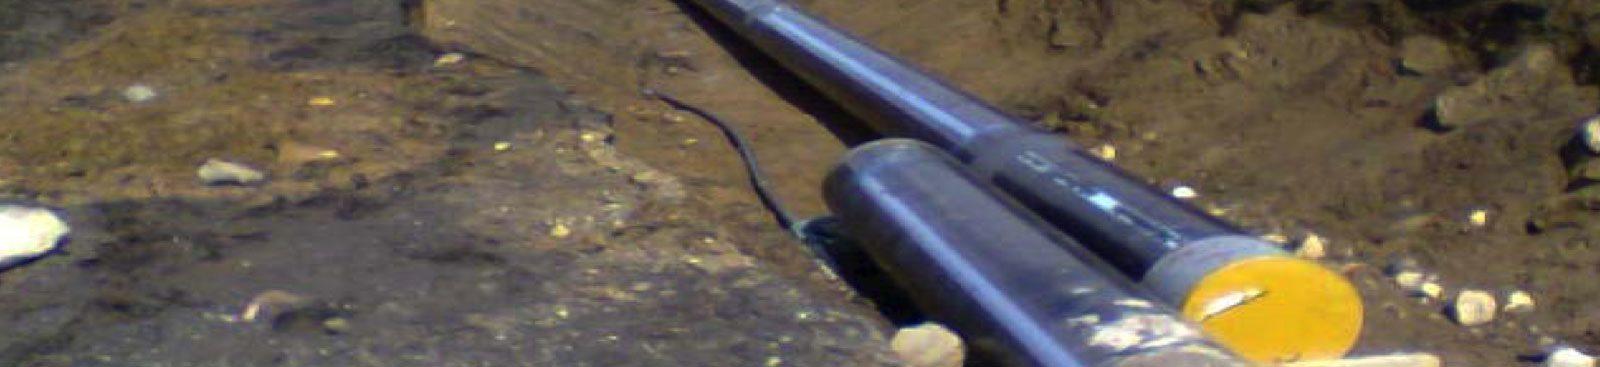 Mountleigh slide 2